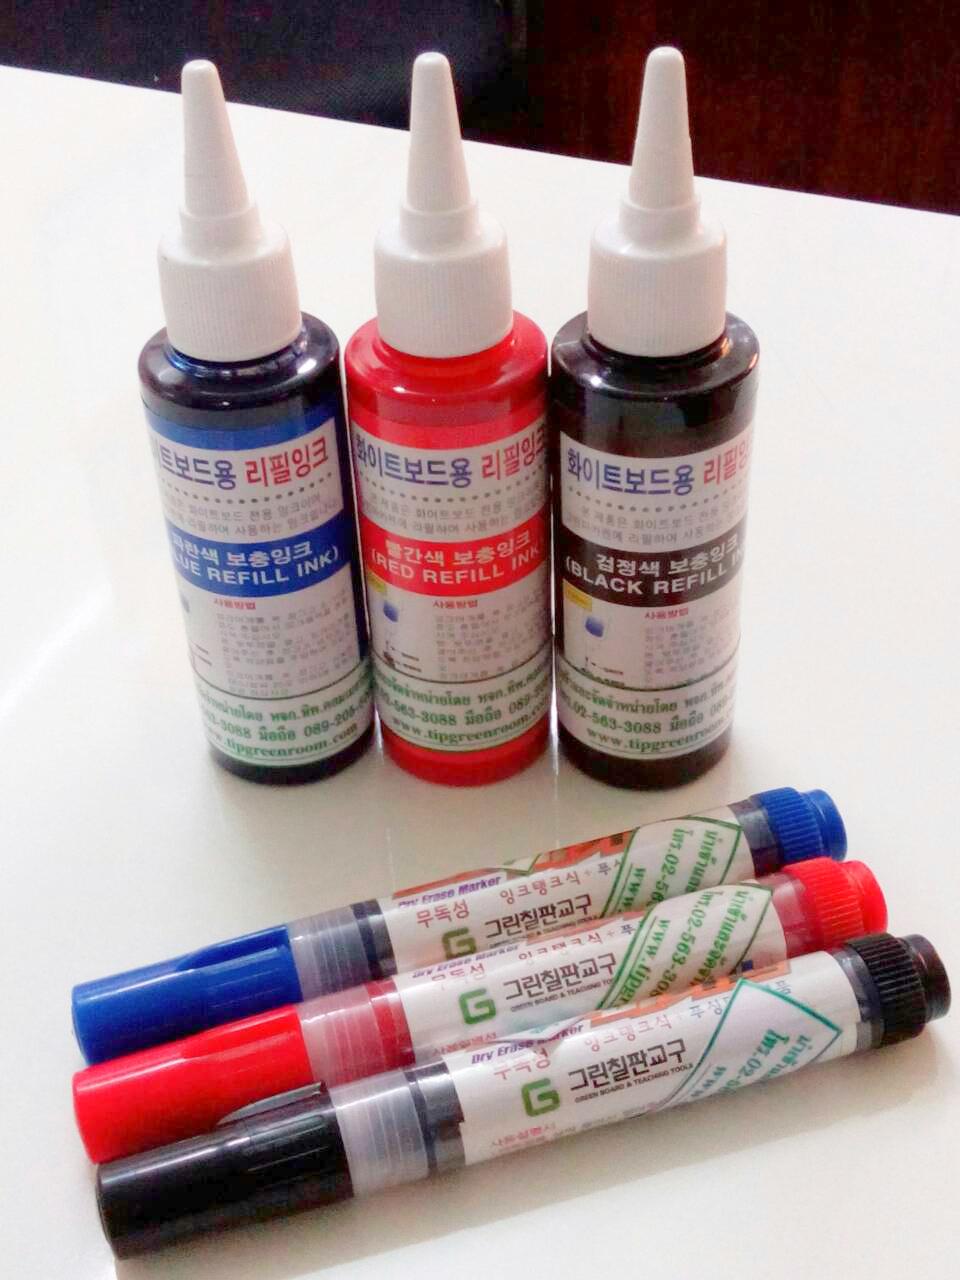 ปากกาไวท์บอร์ดปลอดสารพิษ